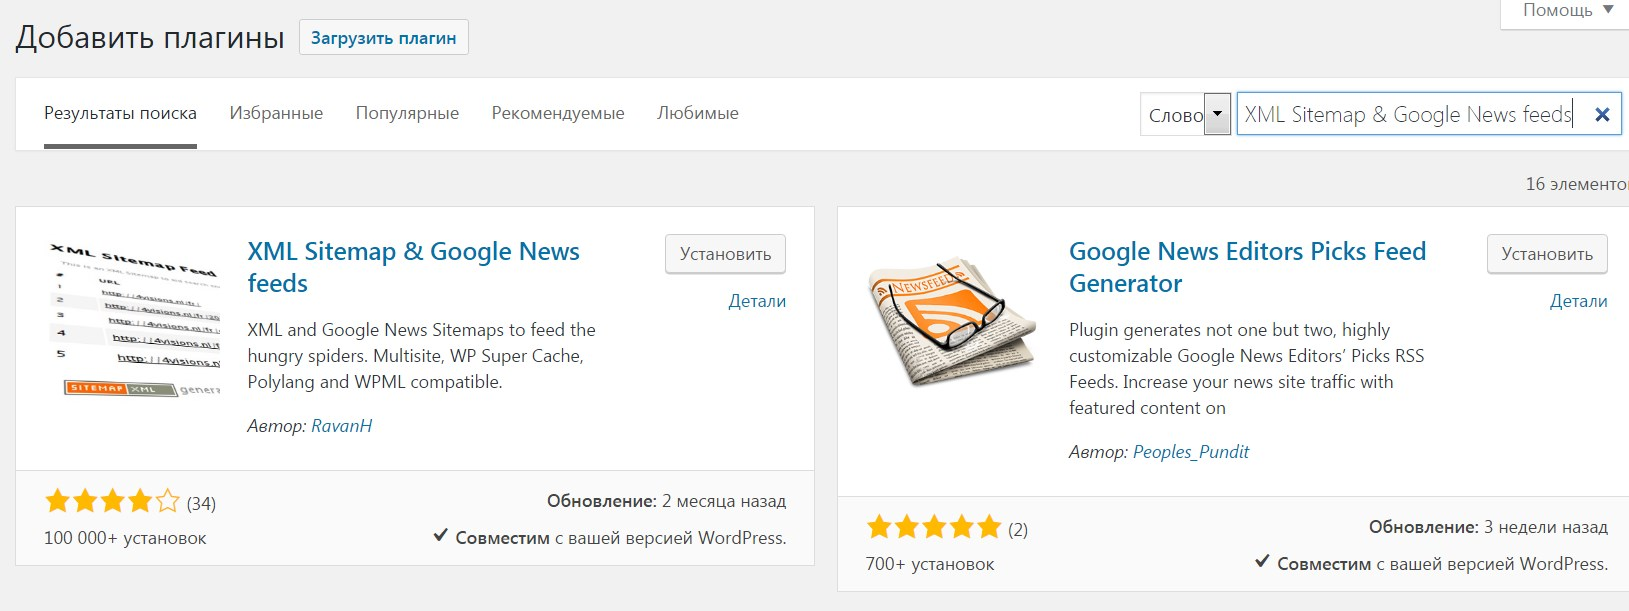 225 Я пользуюсь плагином XML Sitemap & Google News feeds